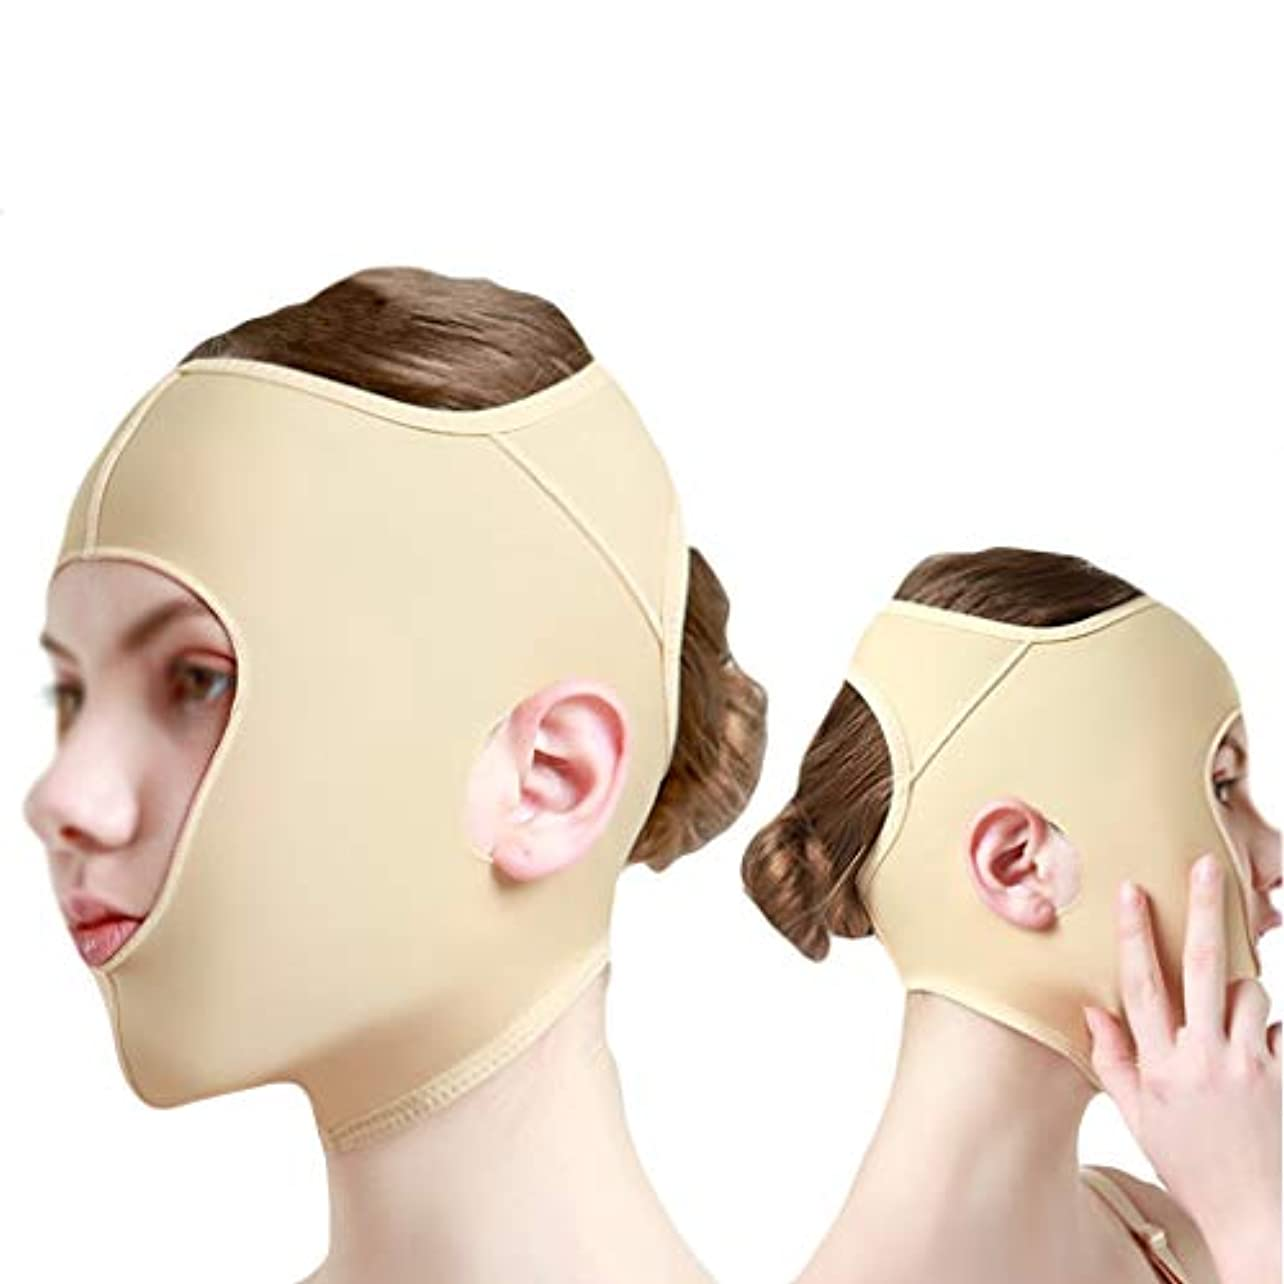 周術期予備ここに顔の彫刻ツール、脂肪吸引フード、二重あご包帯、ストレッチマスク (Size : S)